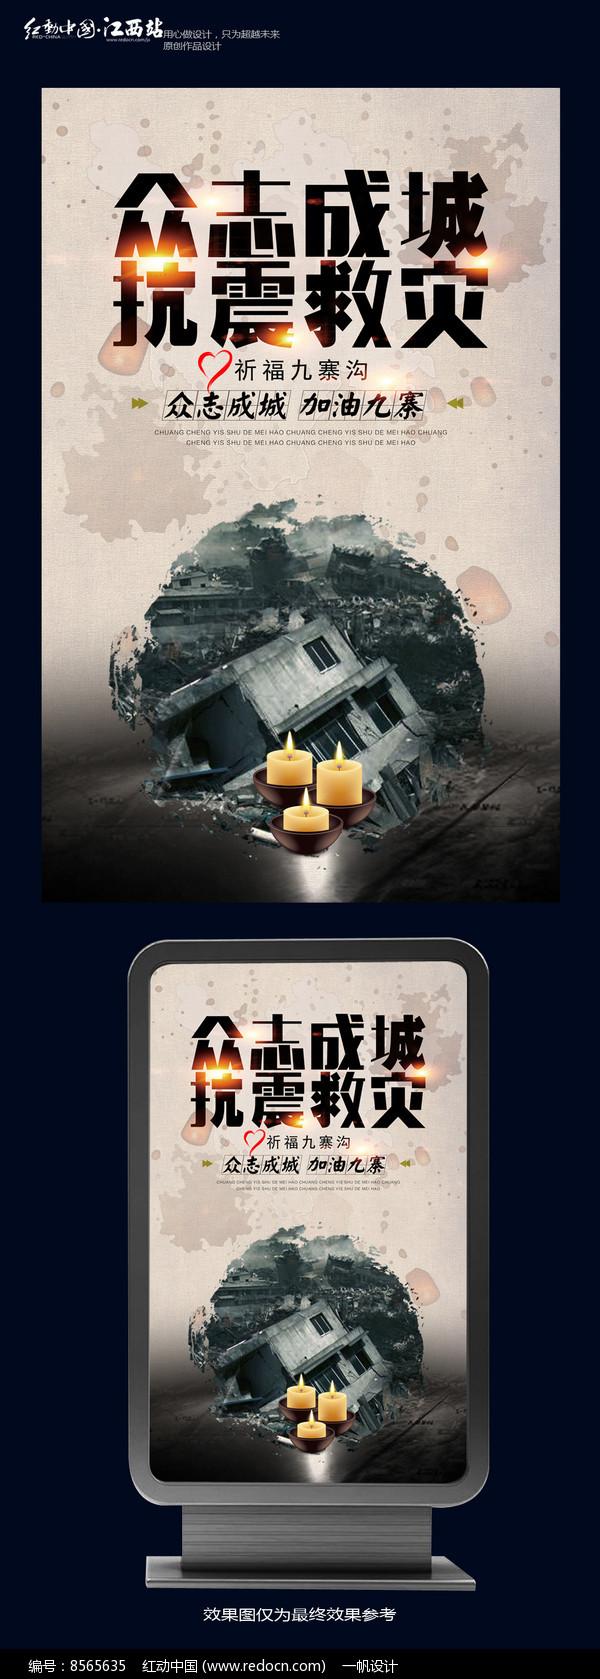 简约抗震救灾海报设计图片